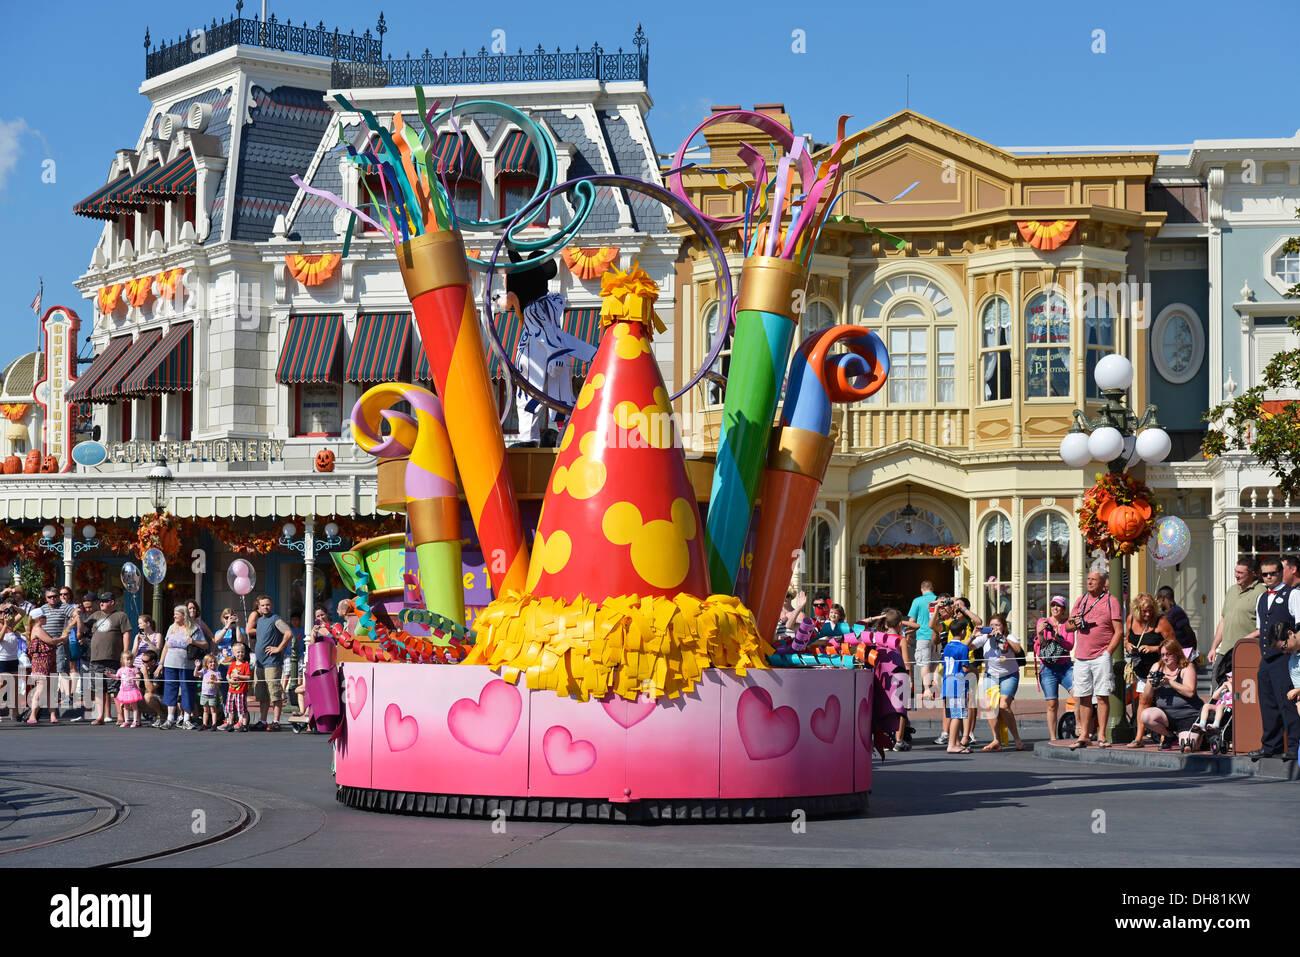 Galleggiante in una sfilata sulla strada principale, il Magic Kingdom, Disney World Resort di Orlando, Florida Immagini Stock